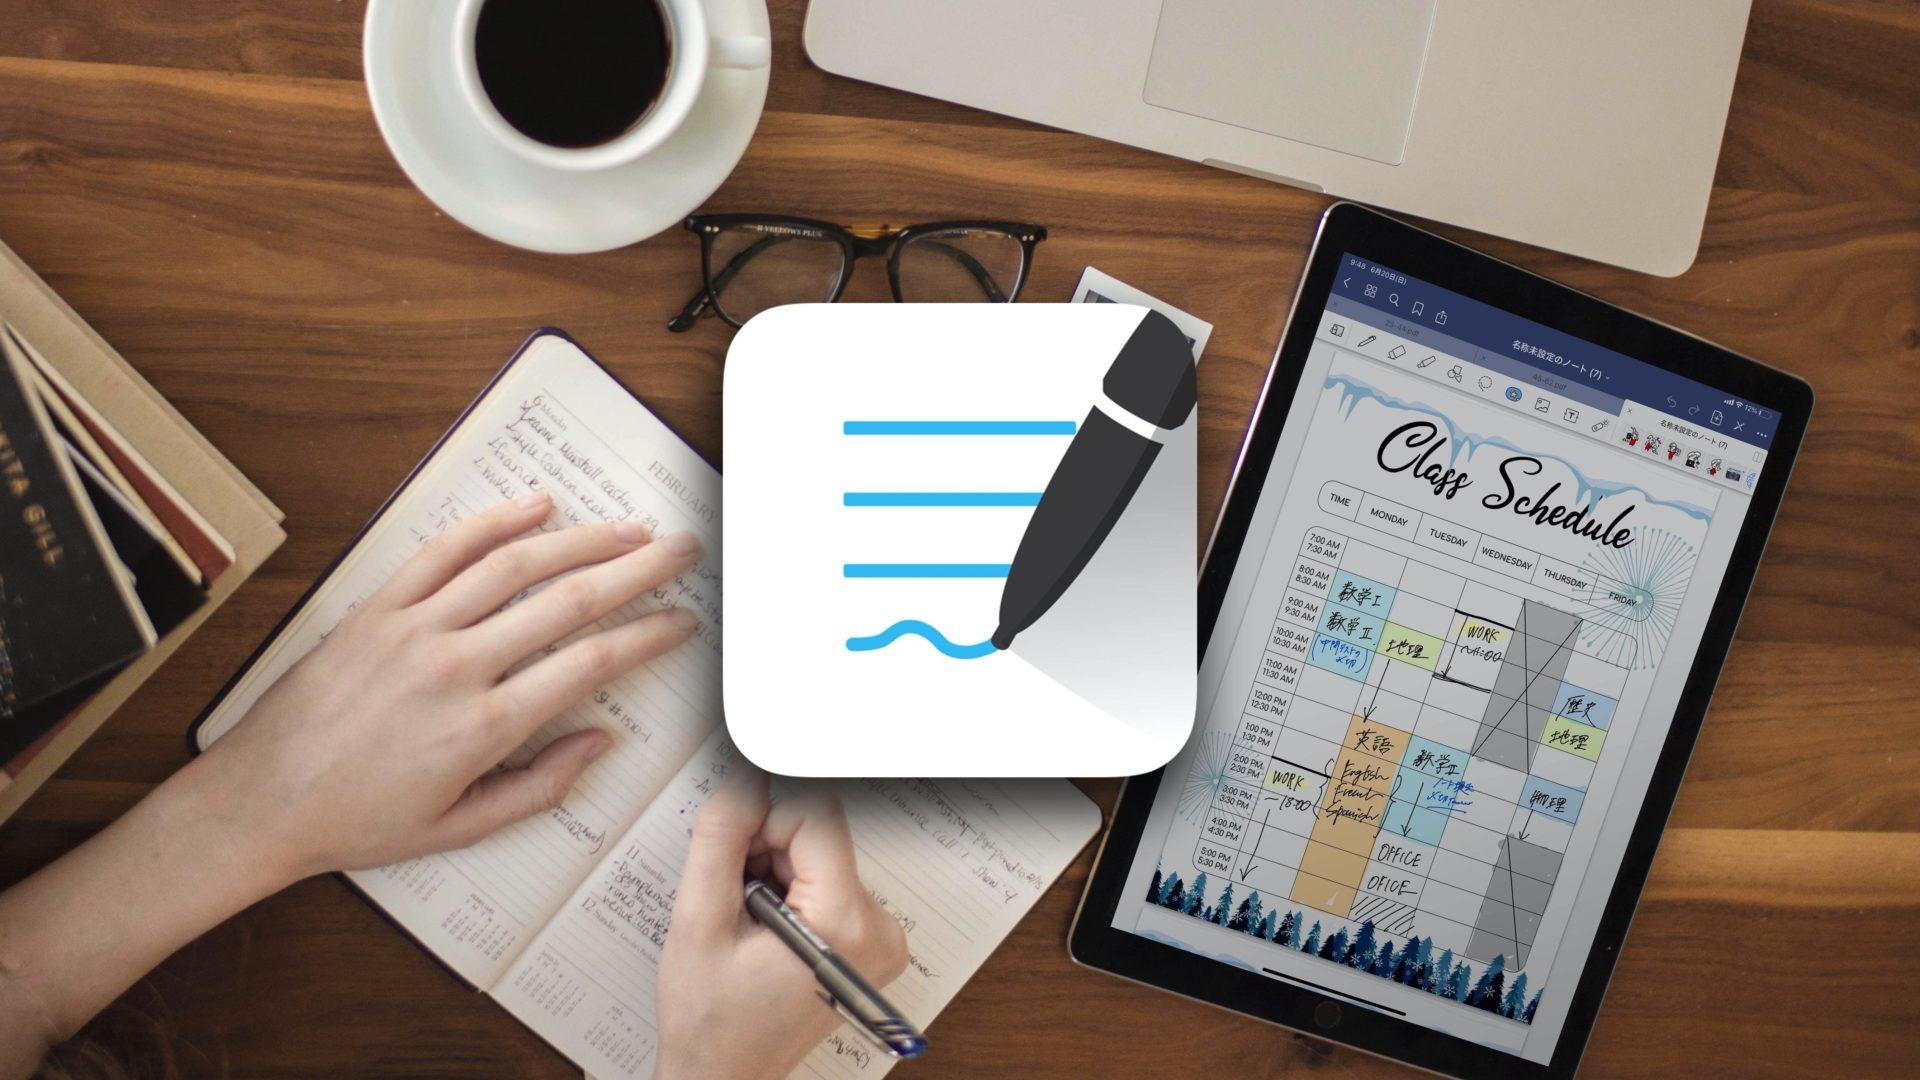 iPadノートアプリ「GoodNotes5」をもっと使いこなす裏ワザ!テンプレートの使いこなしテクニック。